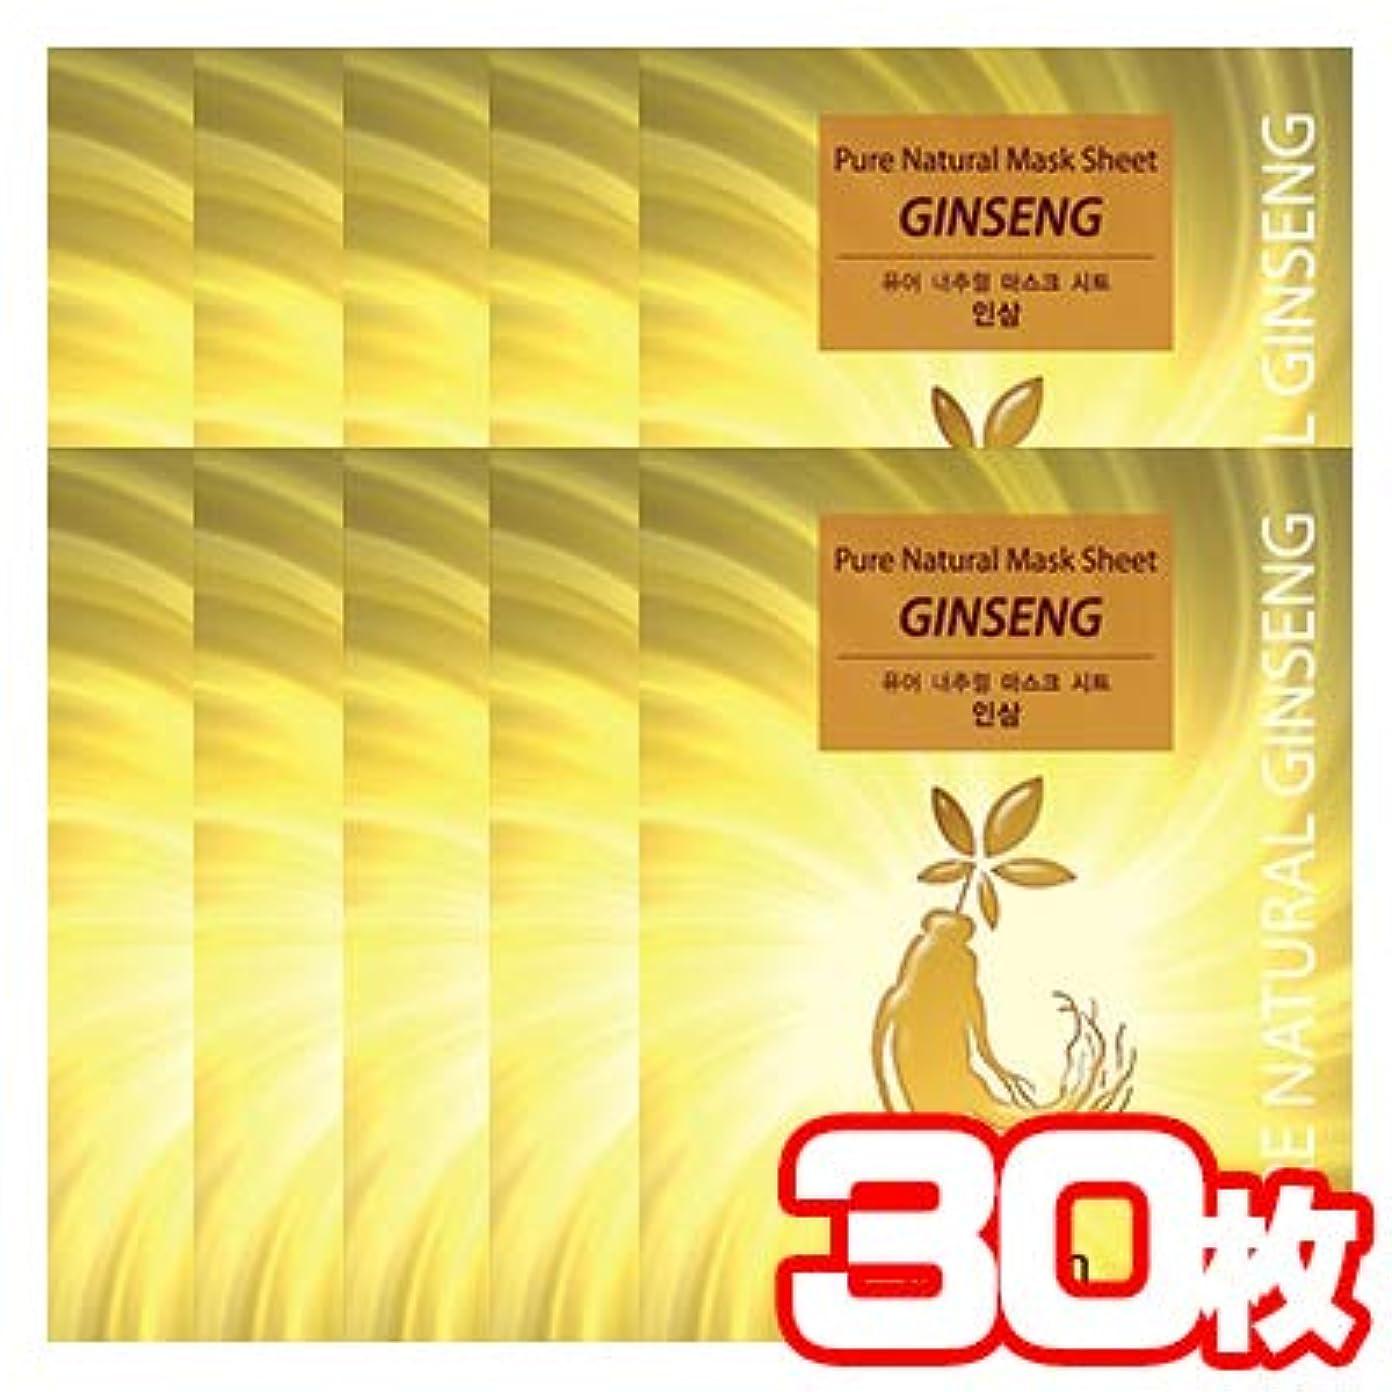 刻むプレビュー降伏ザセム ピュア ナチュラル マスクシート 3類 Pure Natural Mask Sheet 20mlx30枚 (高麗人参(30枚))